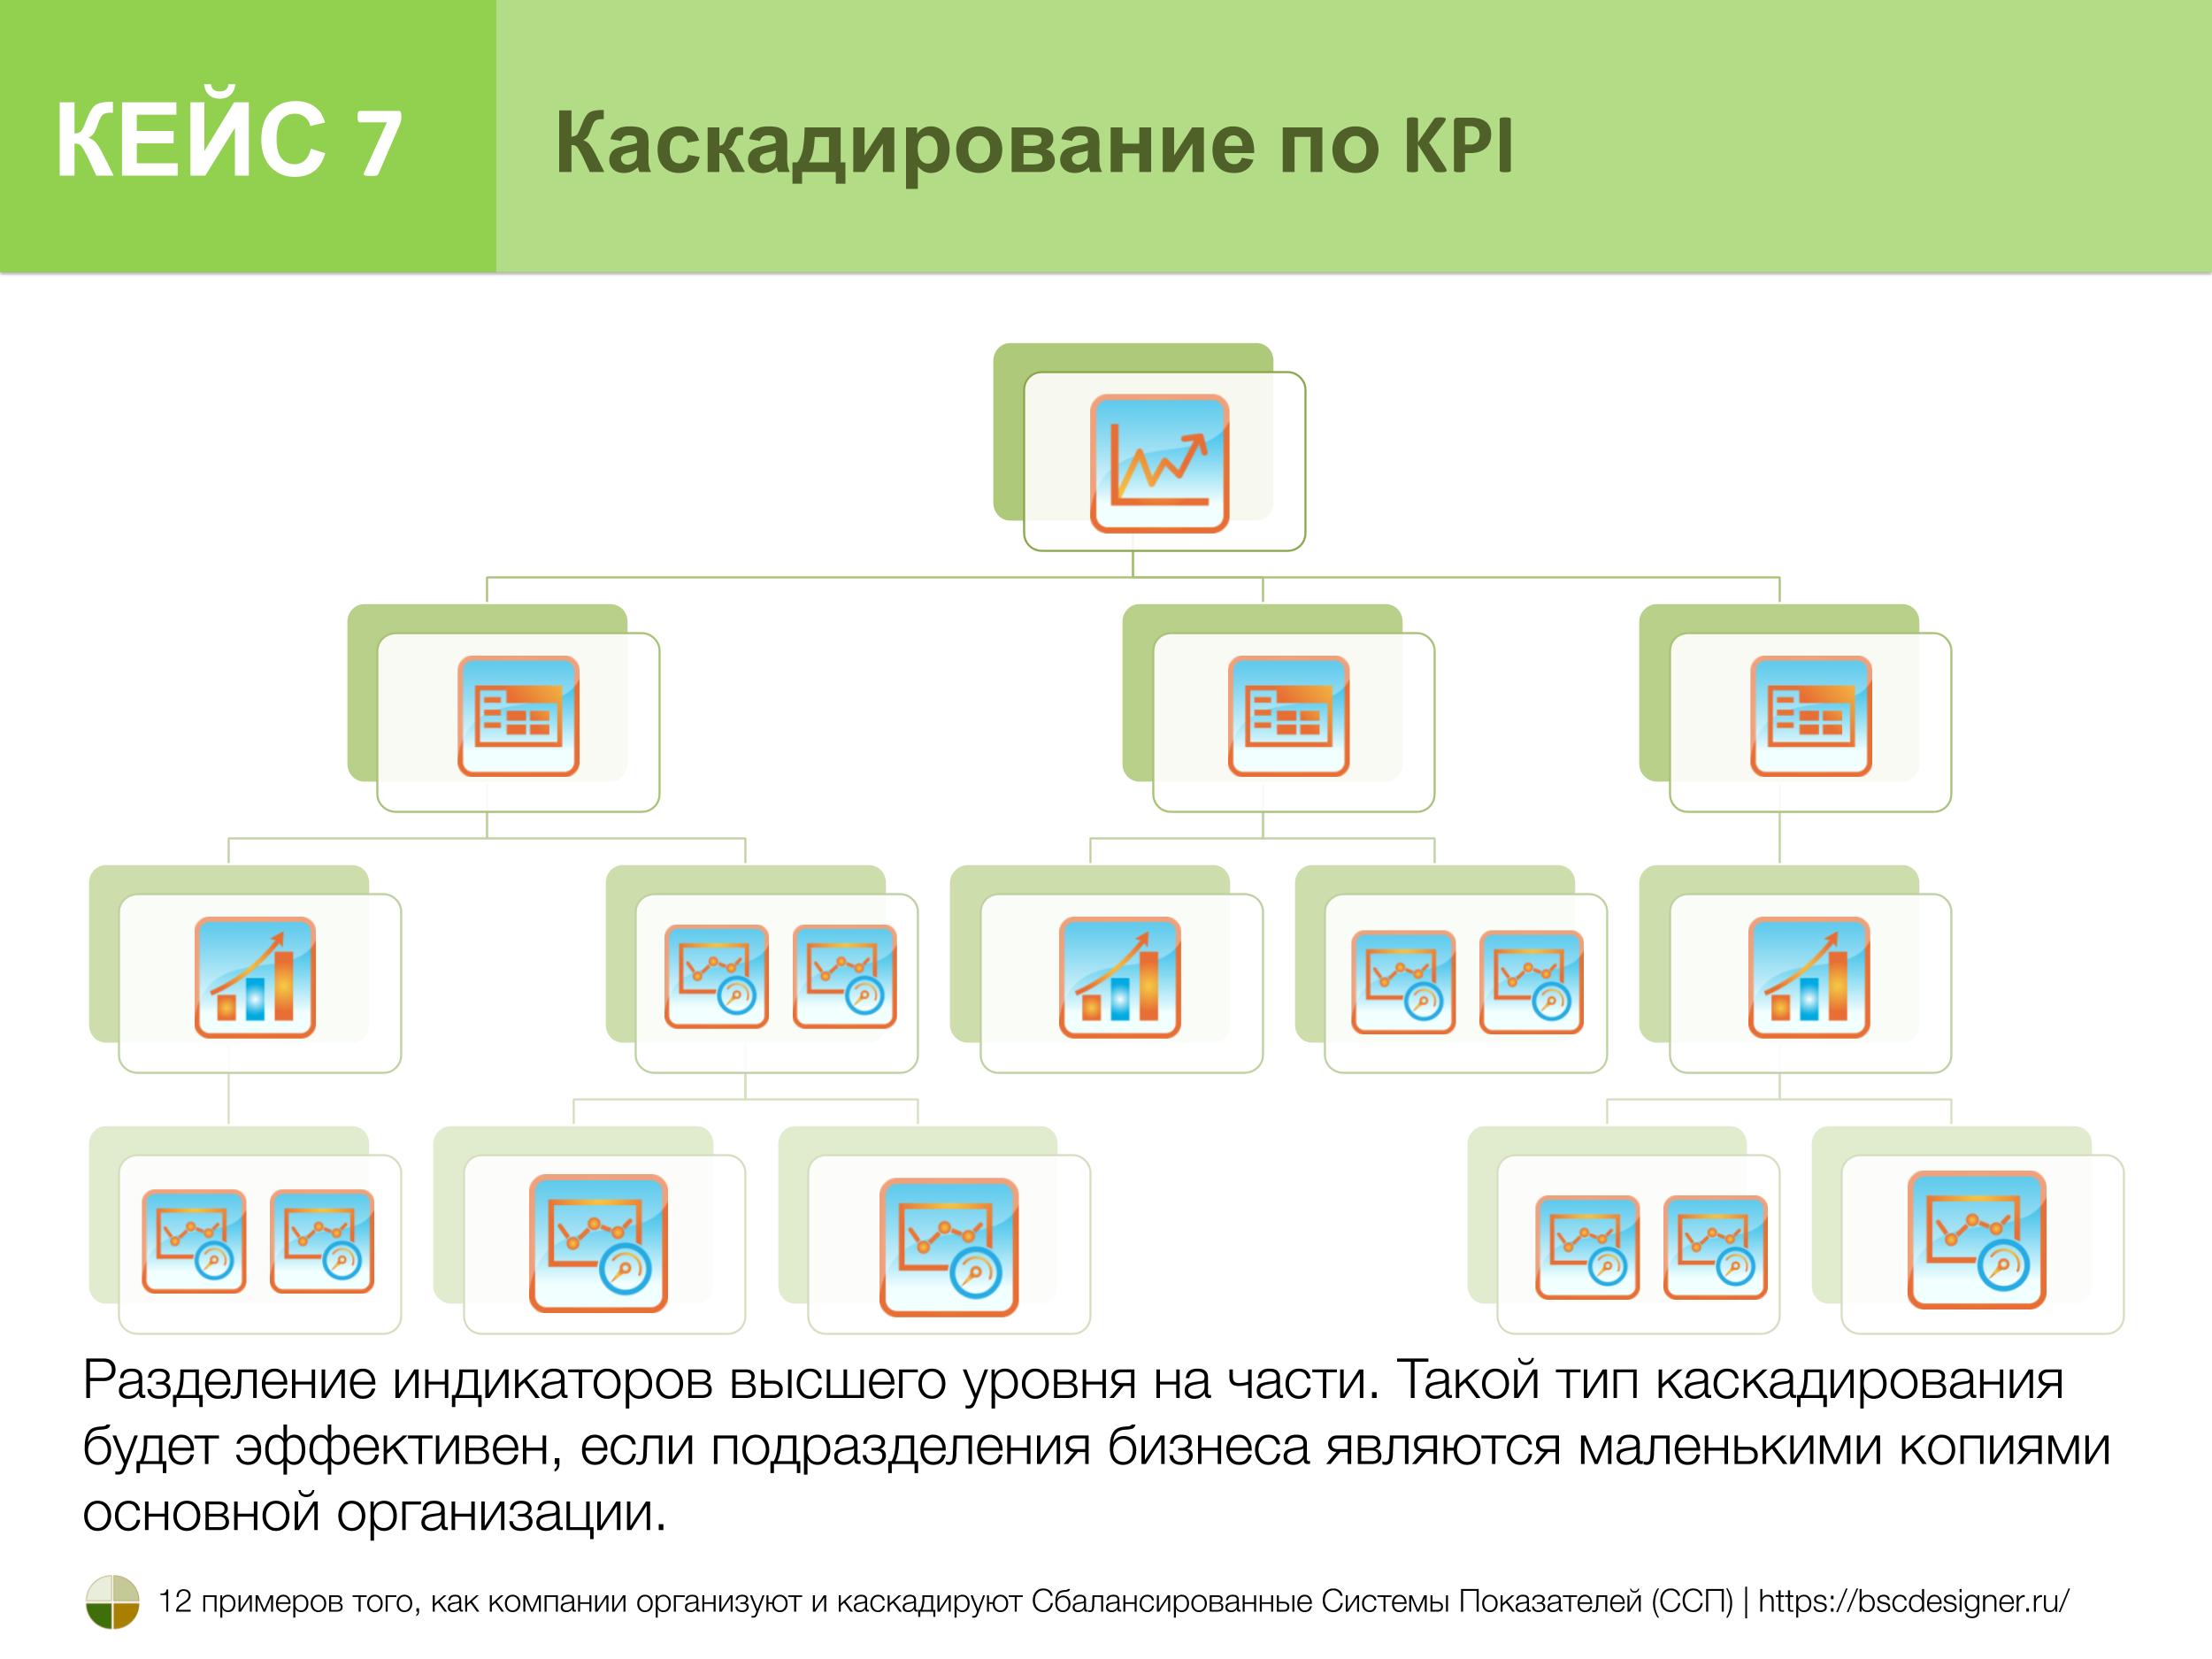 Кейс 7. Каскадирование по KPI